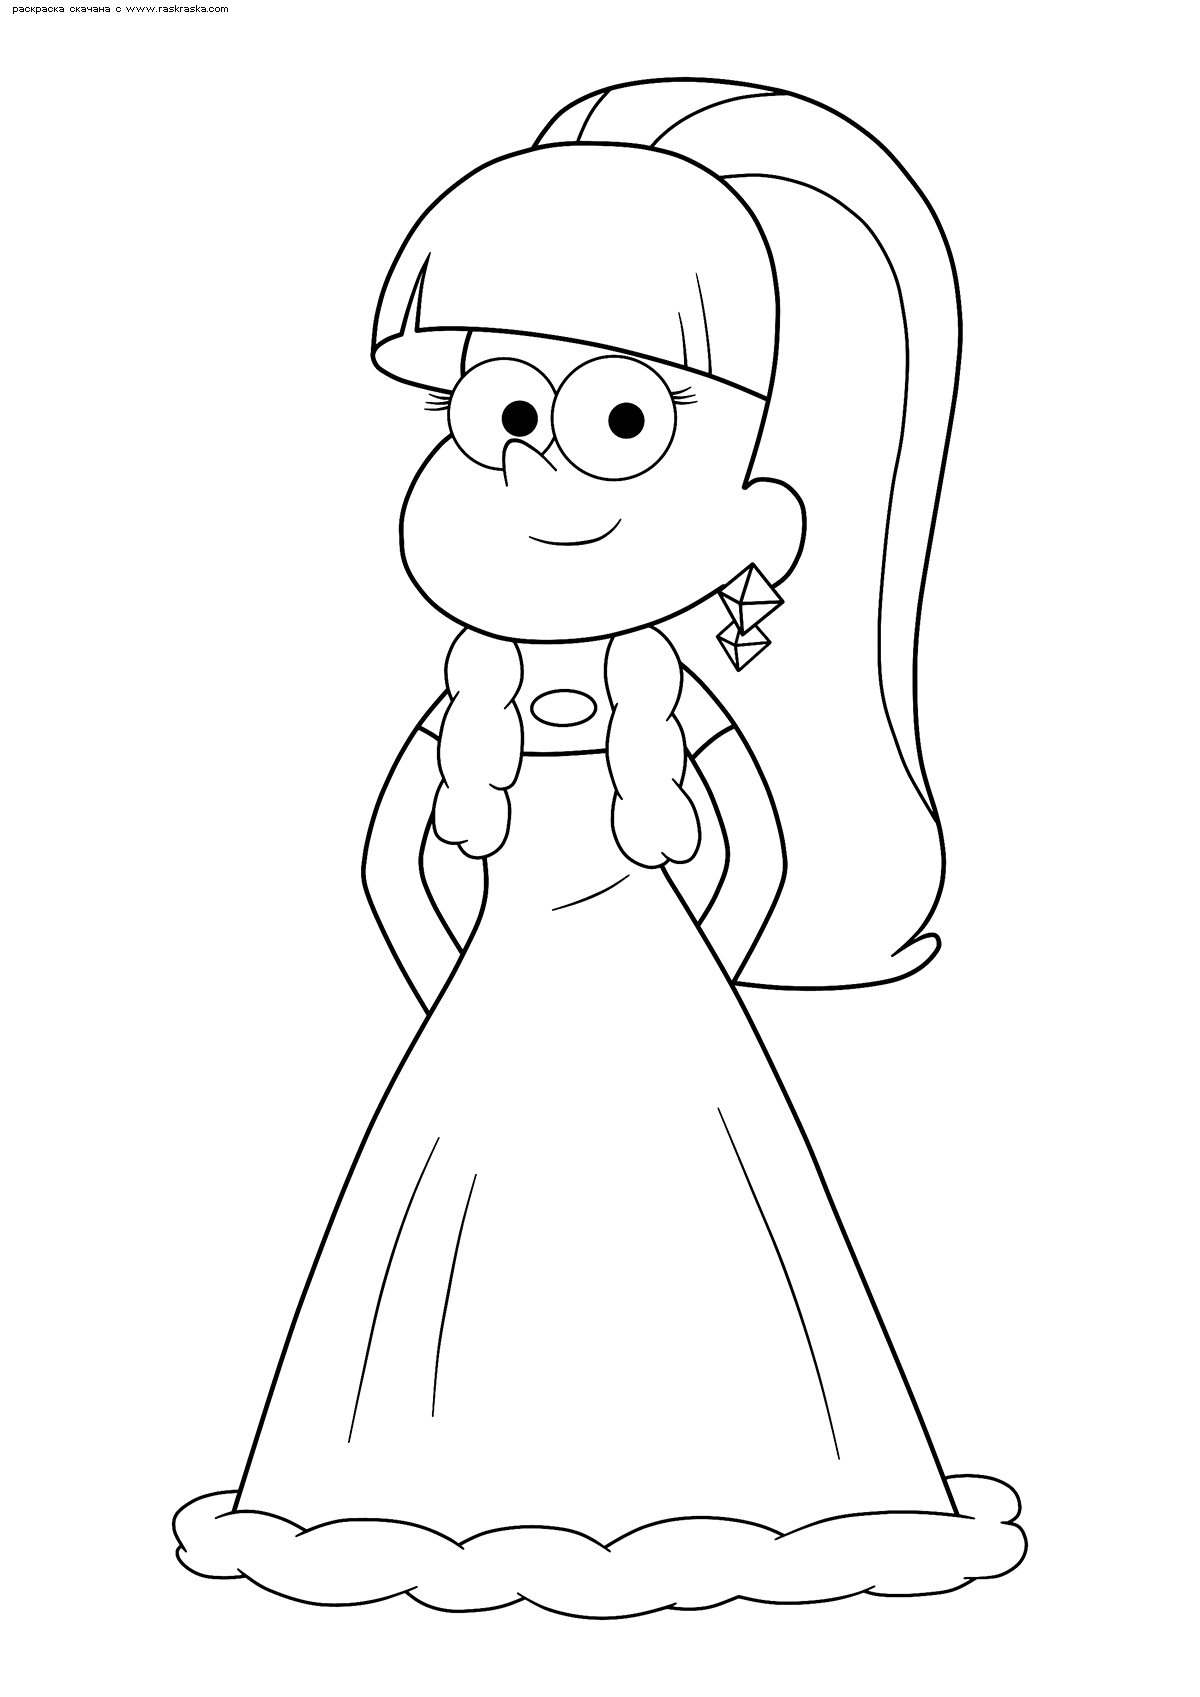 Раскраска Пасифика в платье. Раскраска Девочка